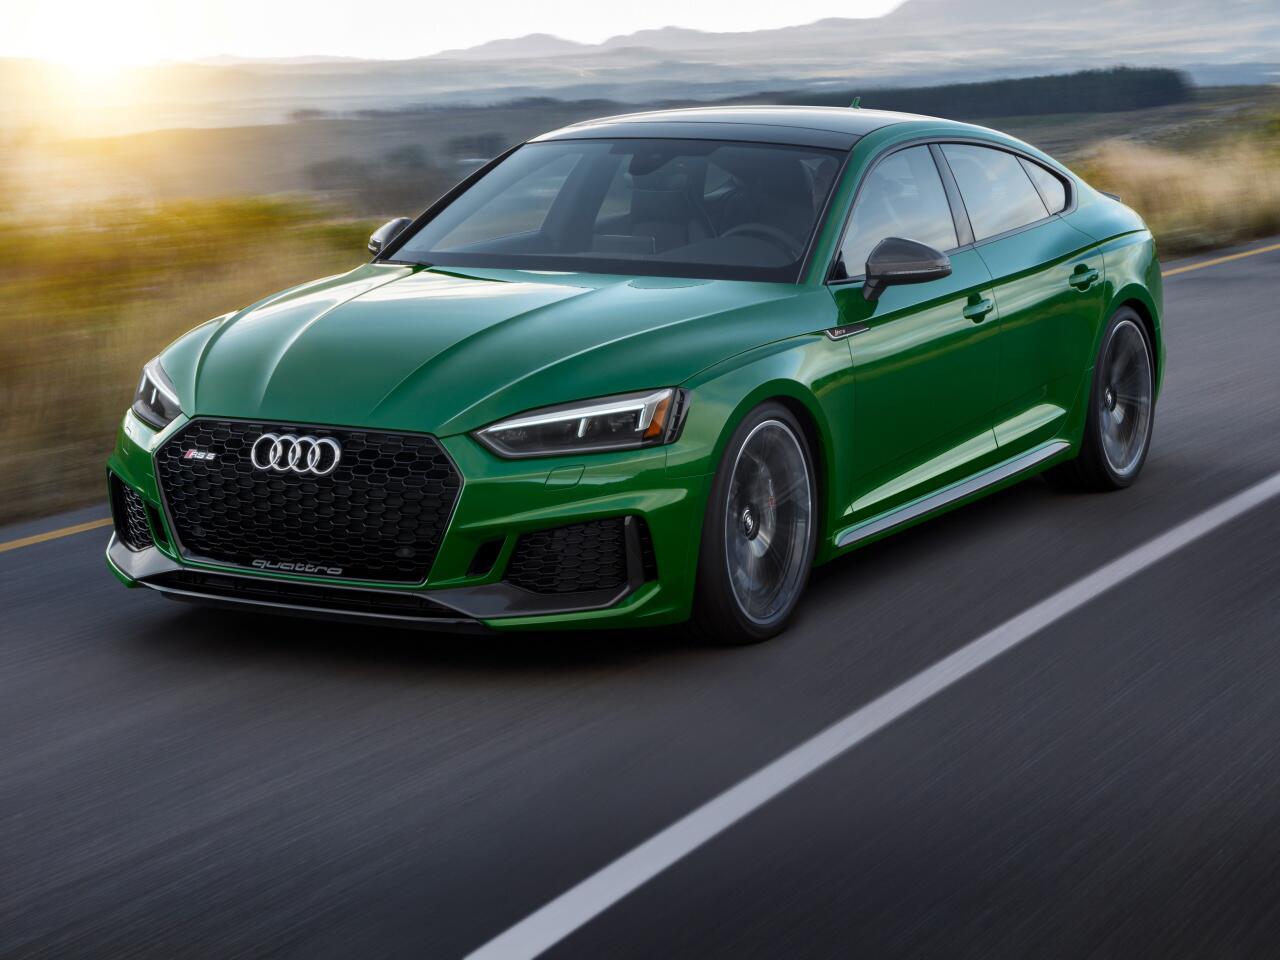 Bild zu High-Performance-Coupé: Der neue Audi RS 5 Sportback setzt zum Überholen an